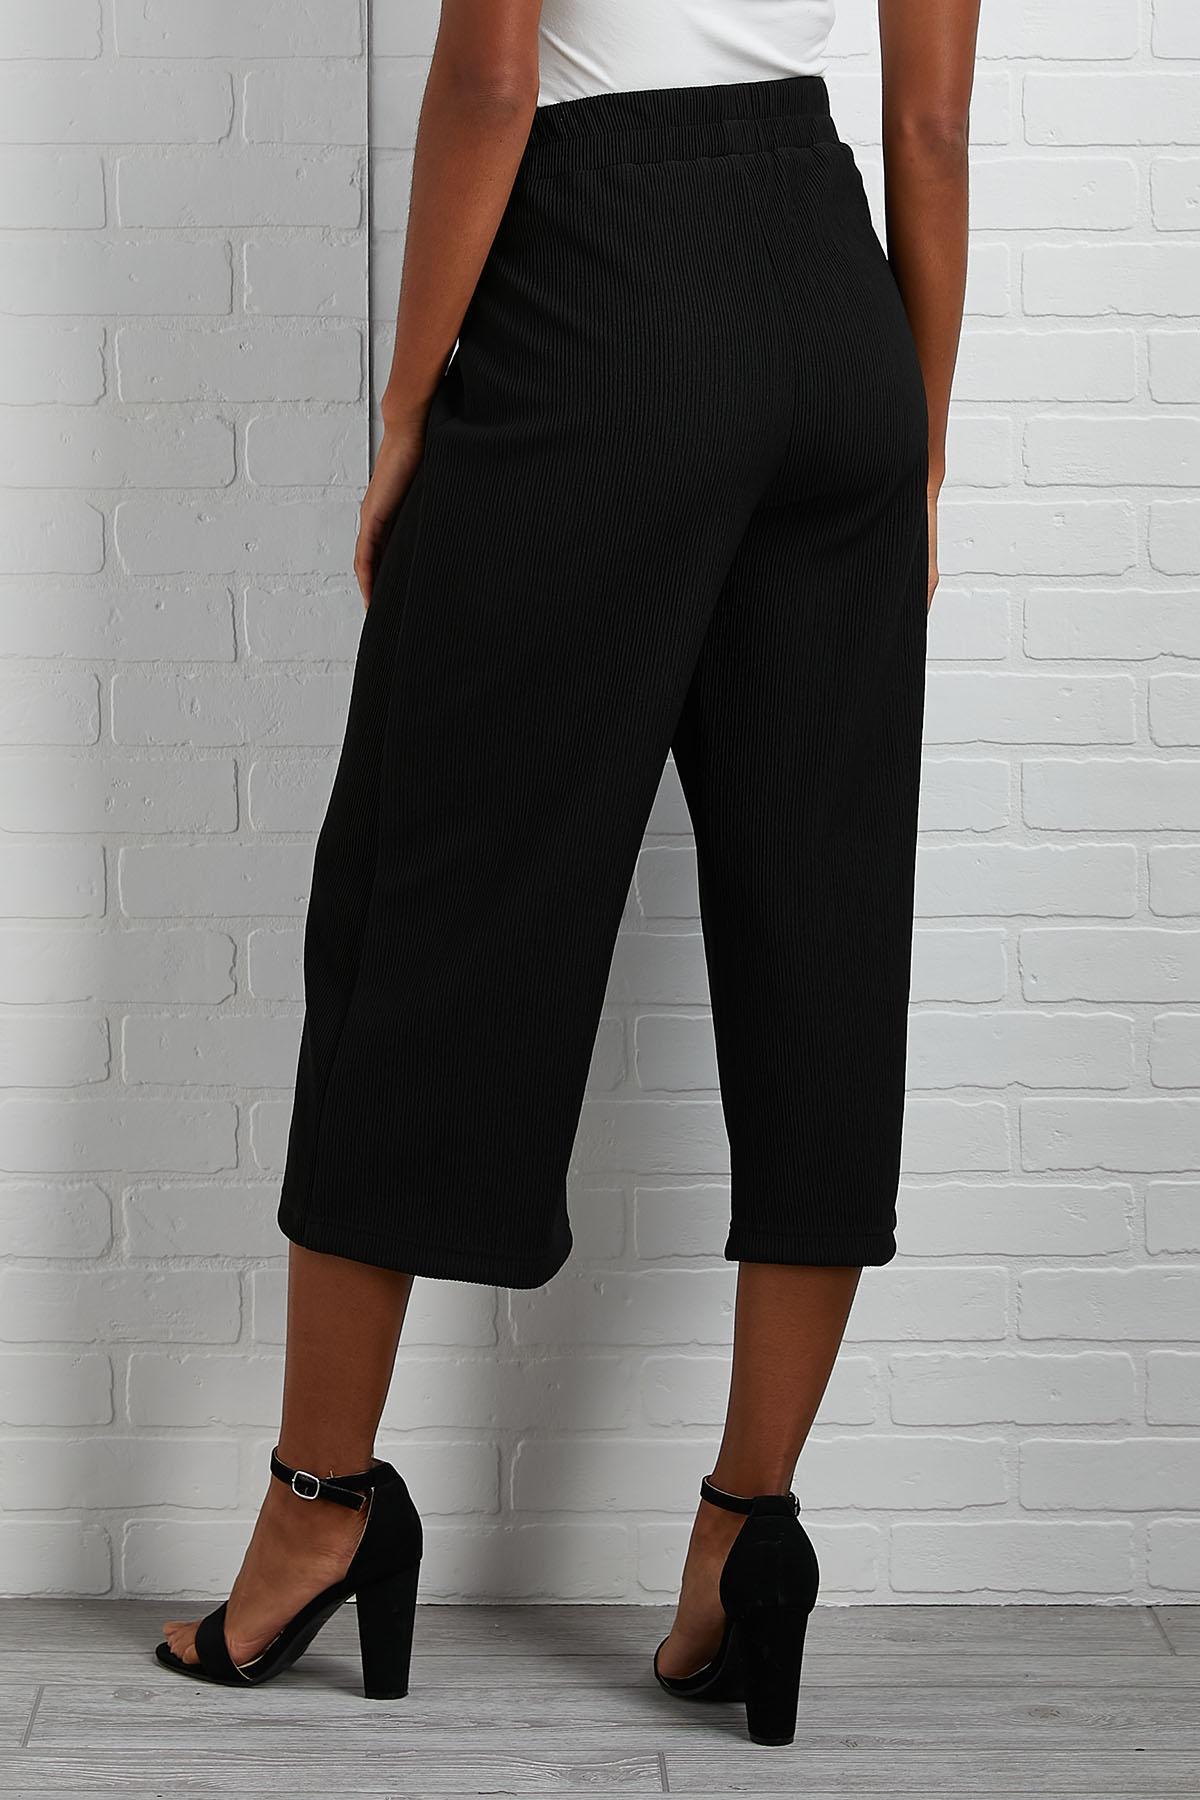 Solid Choice Ribbed Pants